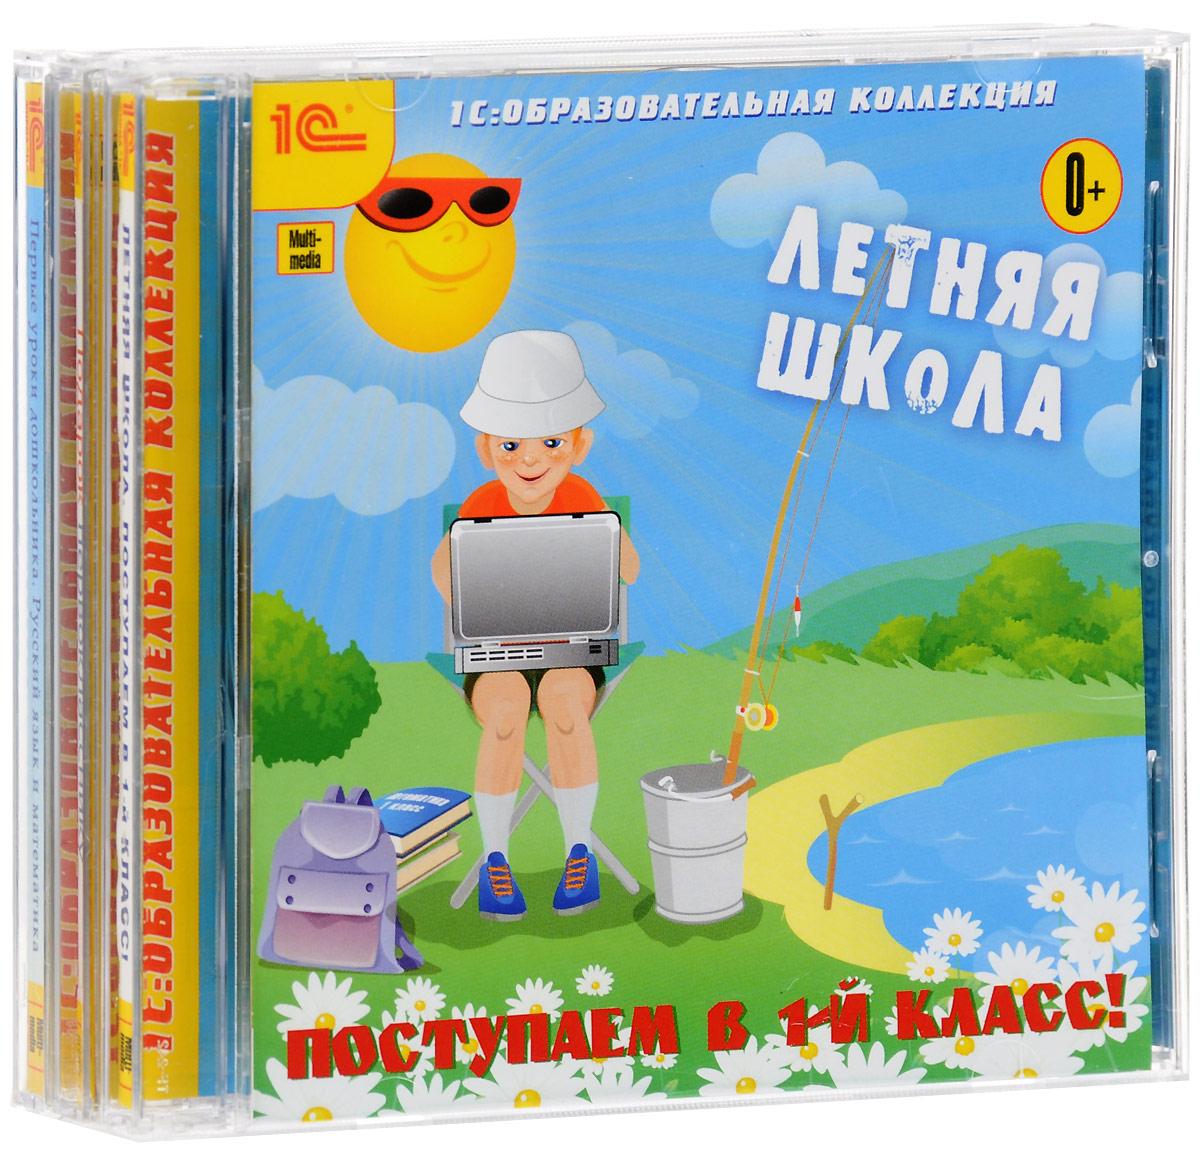 Zakazat.ru 1С: Образовательная коллекция. Комплект Готовимся к школе